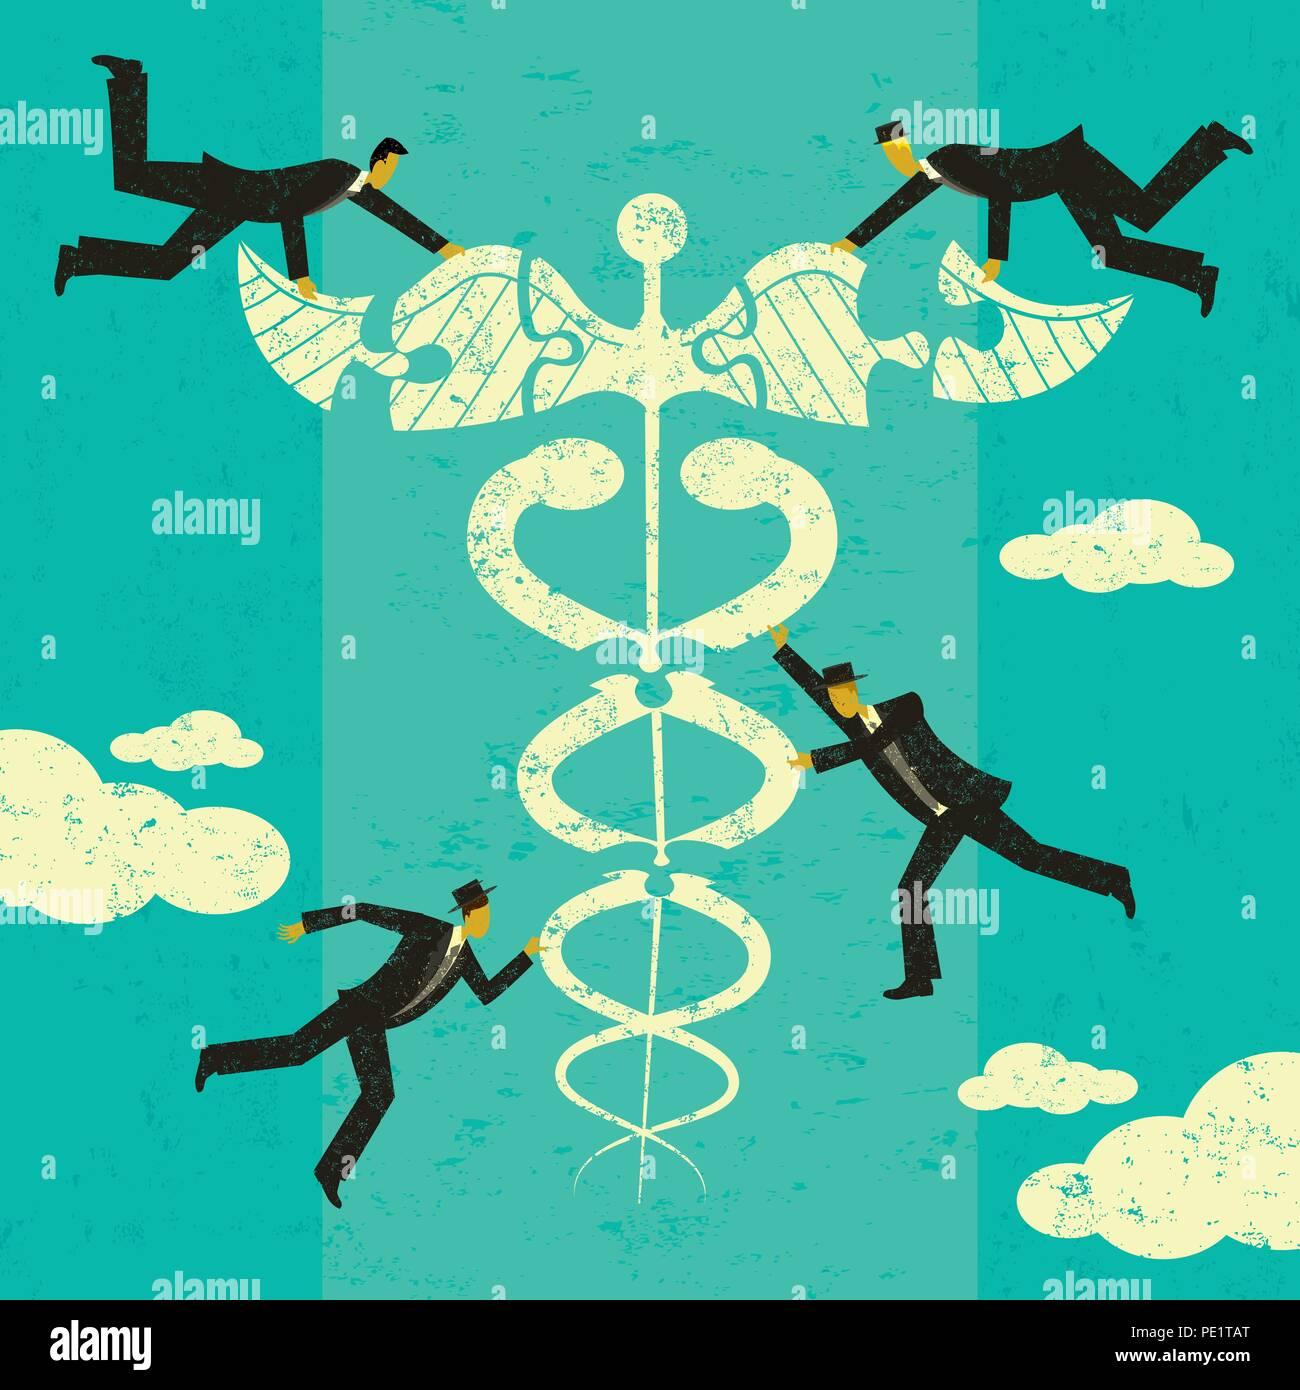 Soluzioni per il settore sanitario. Un gruppo di uomini di mettere i pezzi del puzzle insieme per trovare le soluzioni per il settore sanitario. Immagini Stock